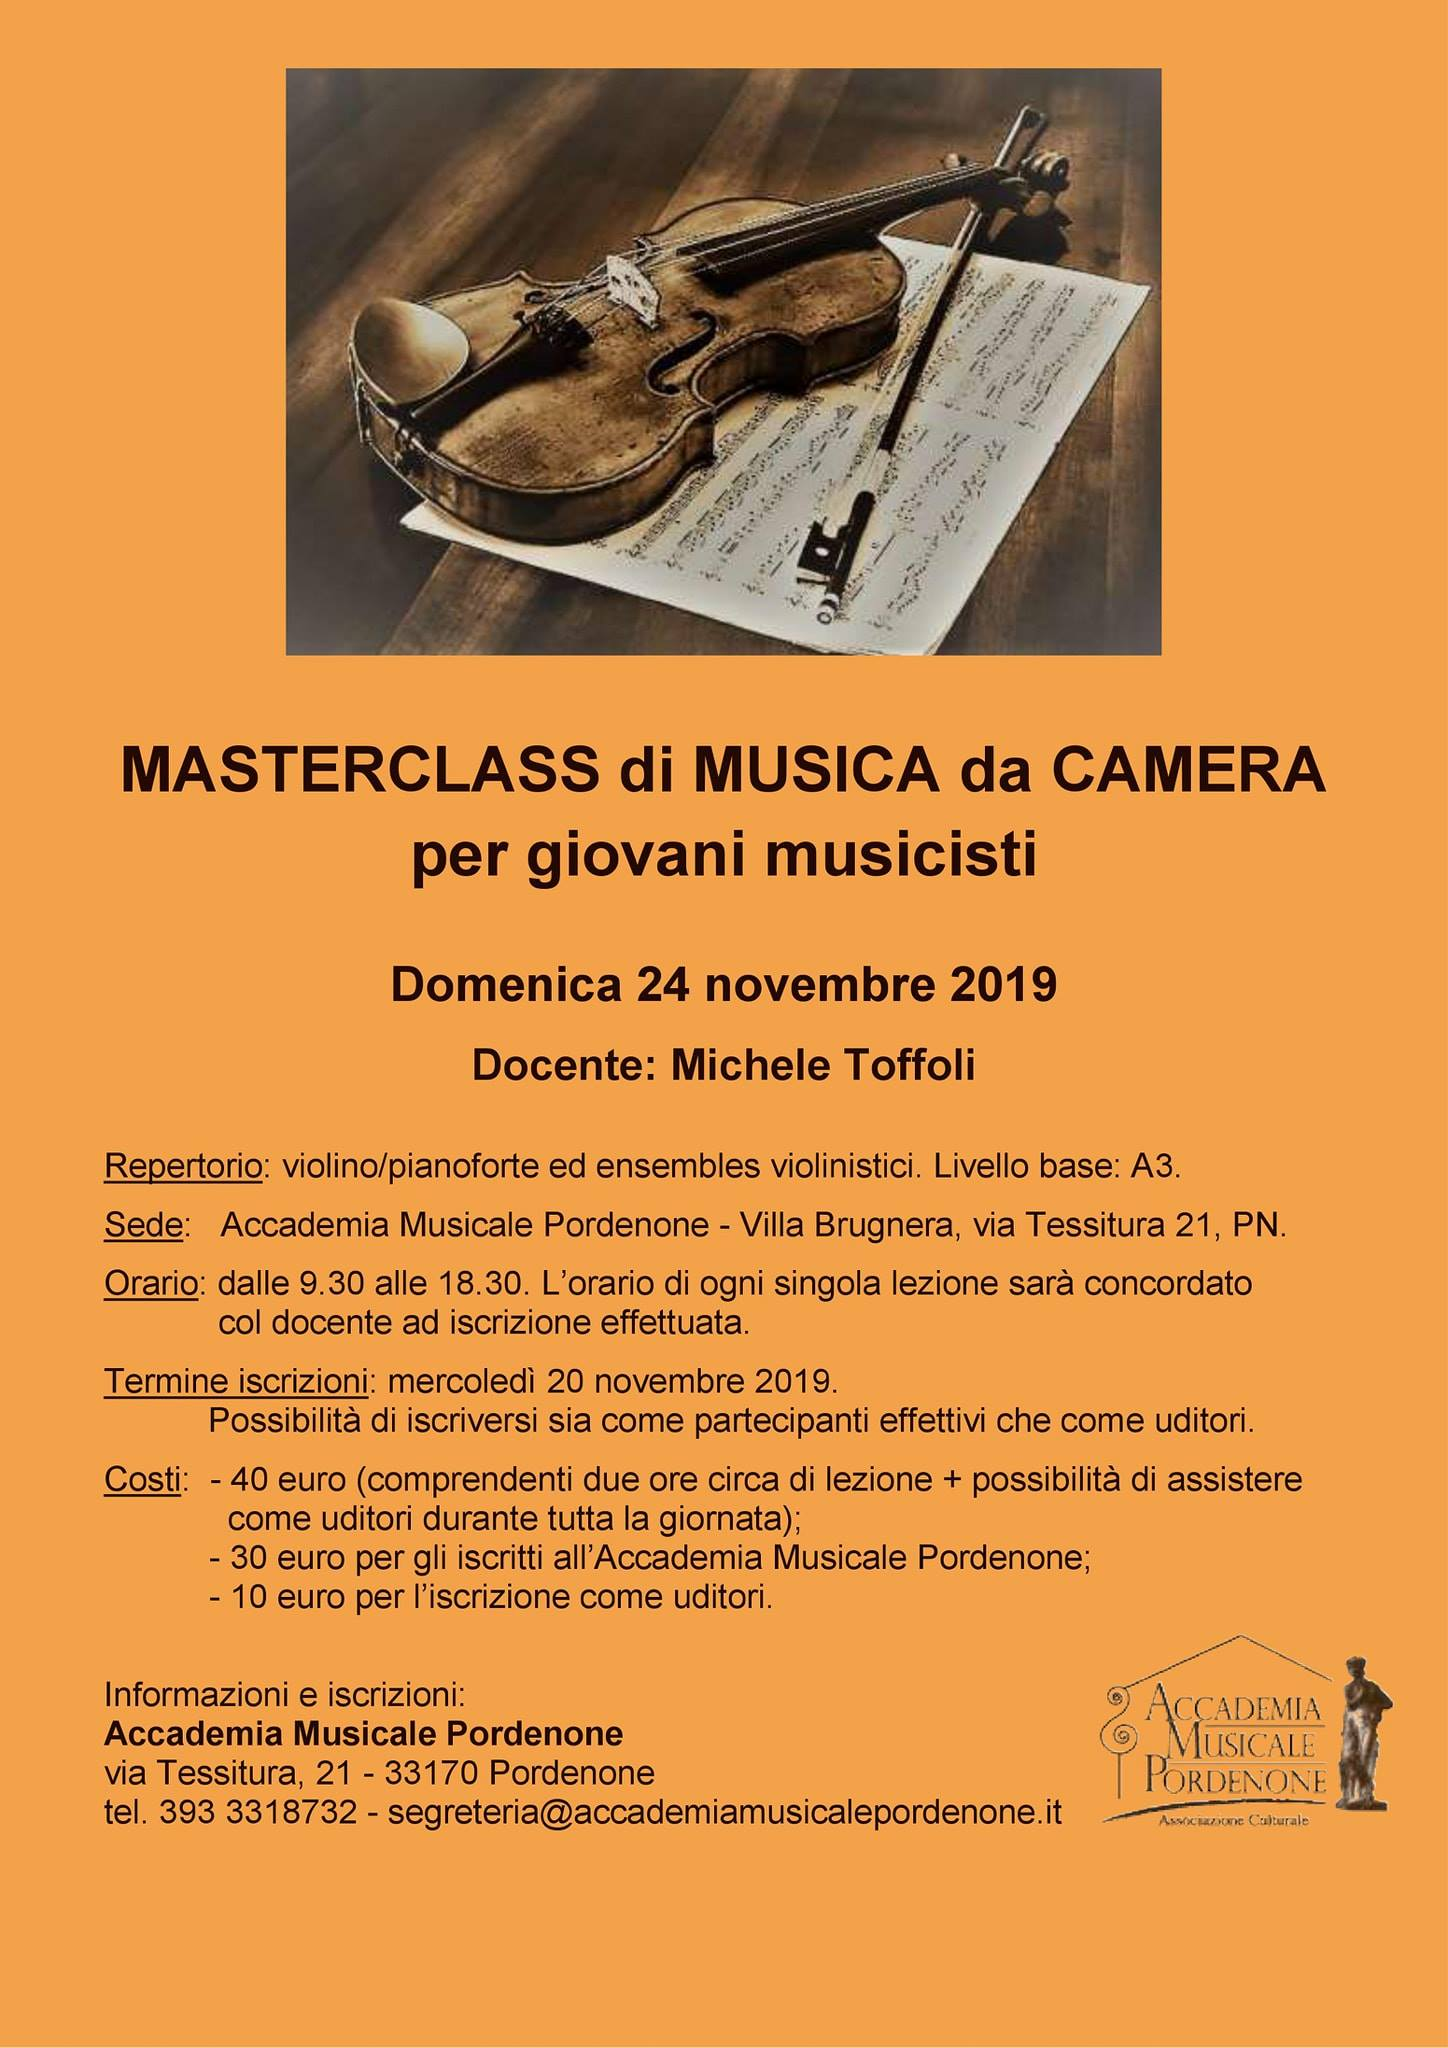 Masterclass di Musica da Camera per giovani musicisti. Docente: Michele Toffoli.